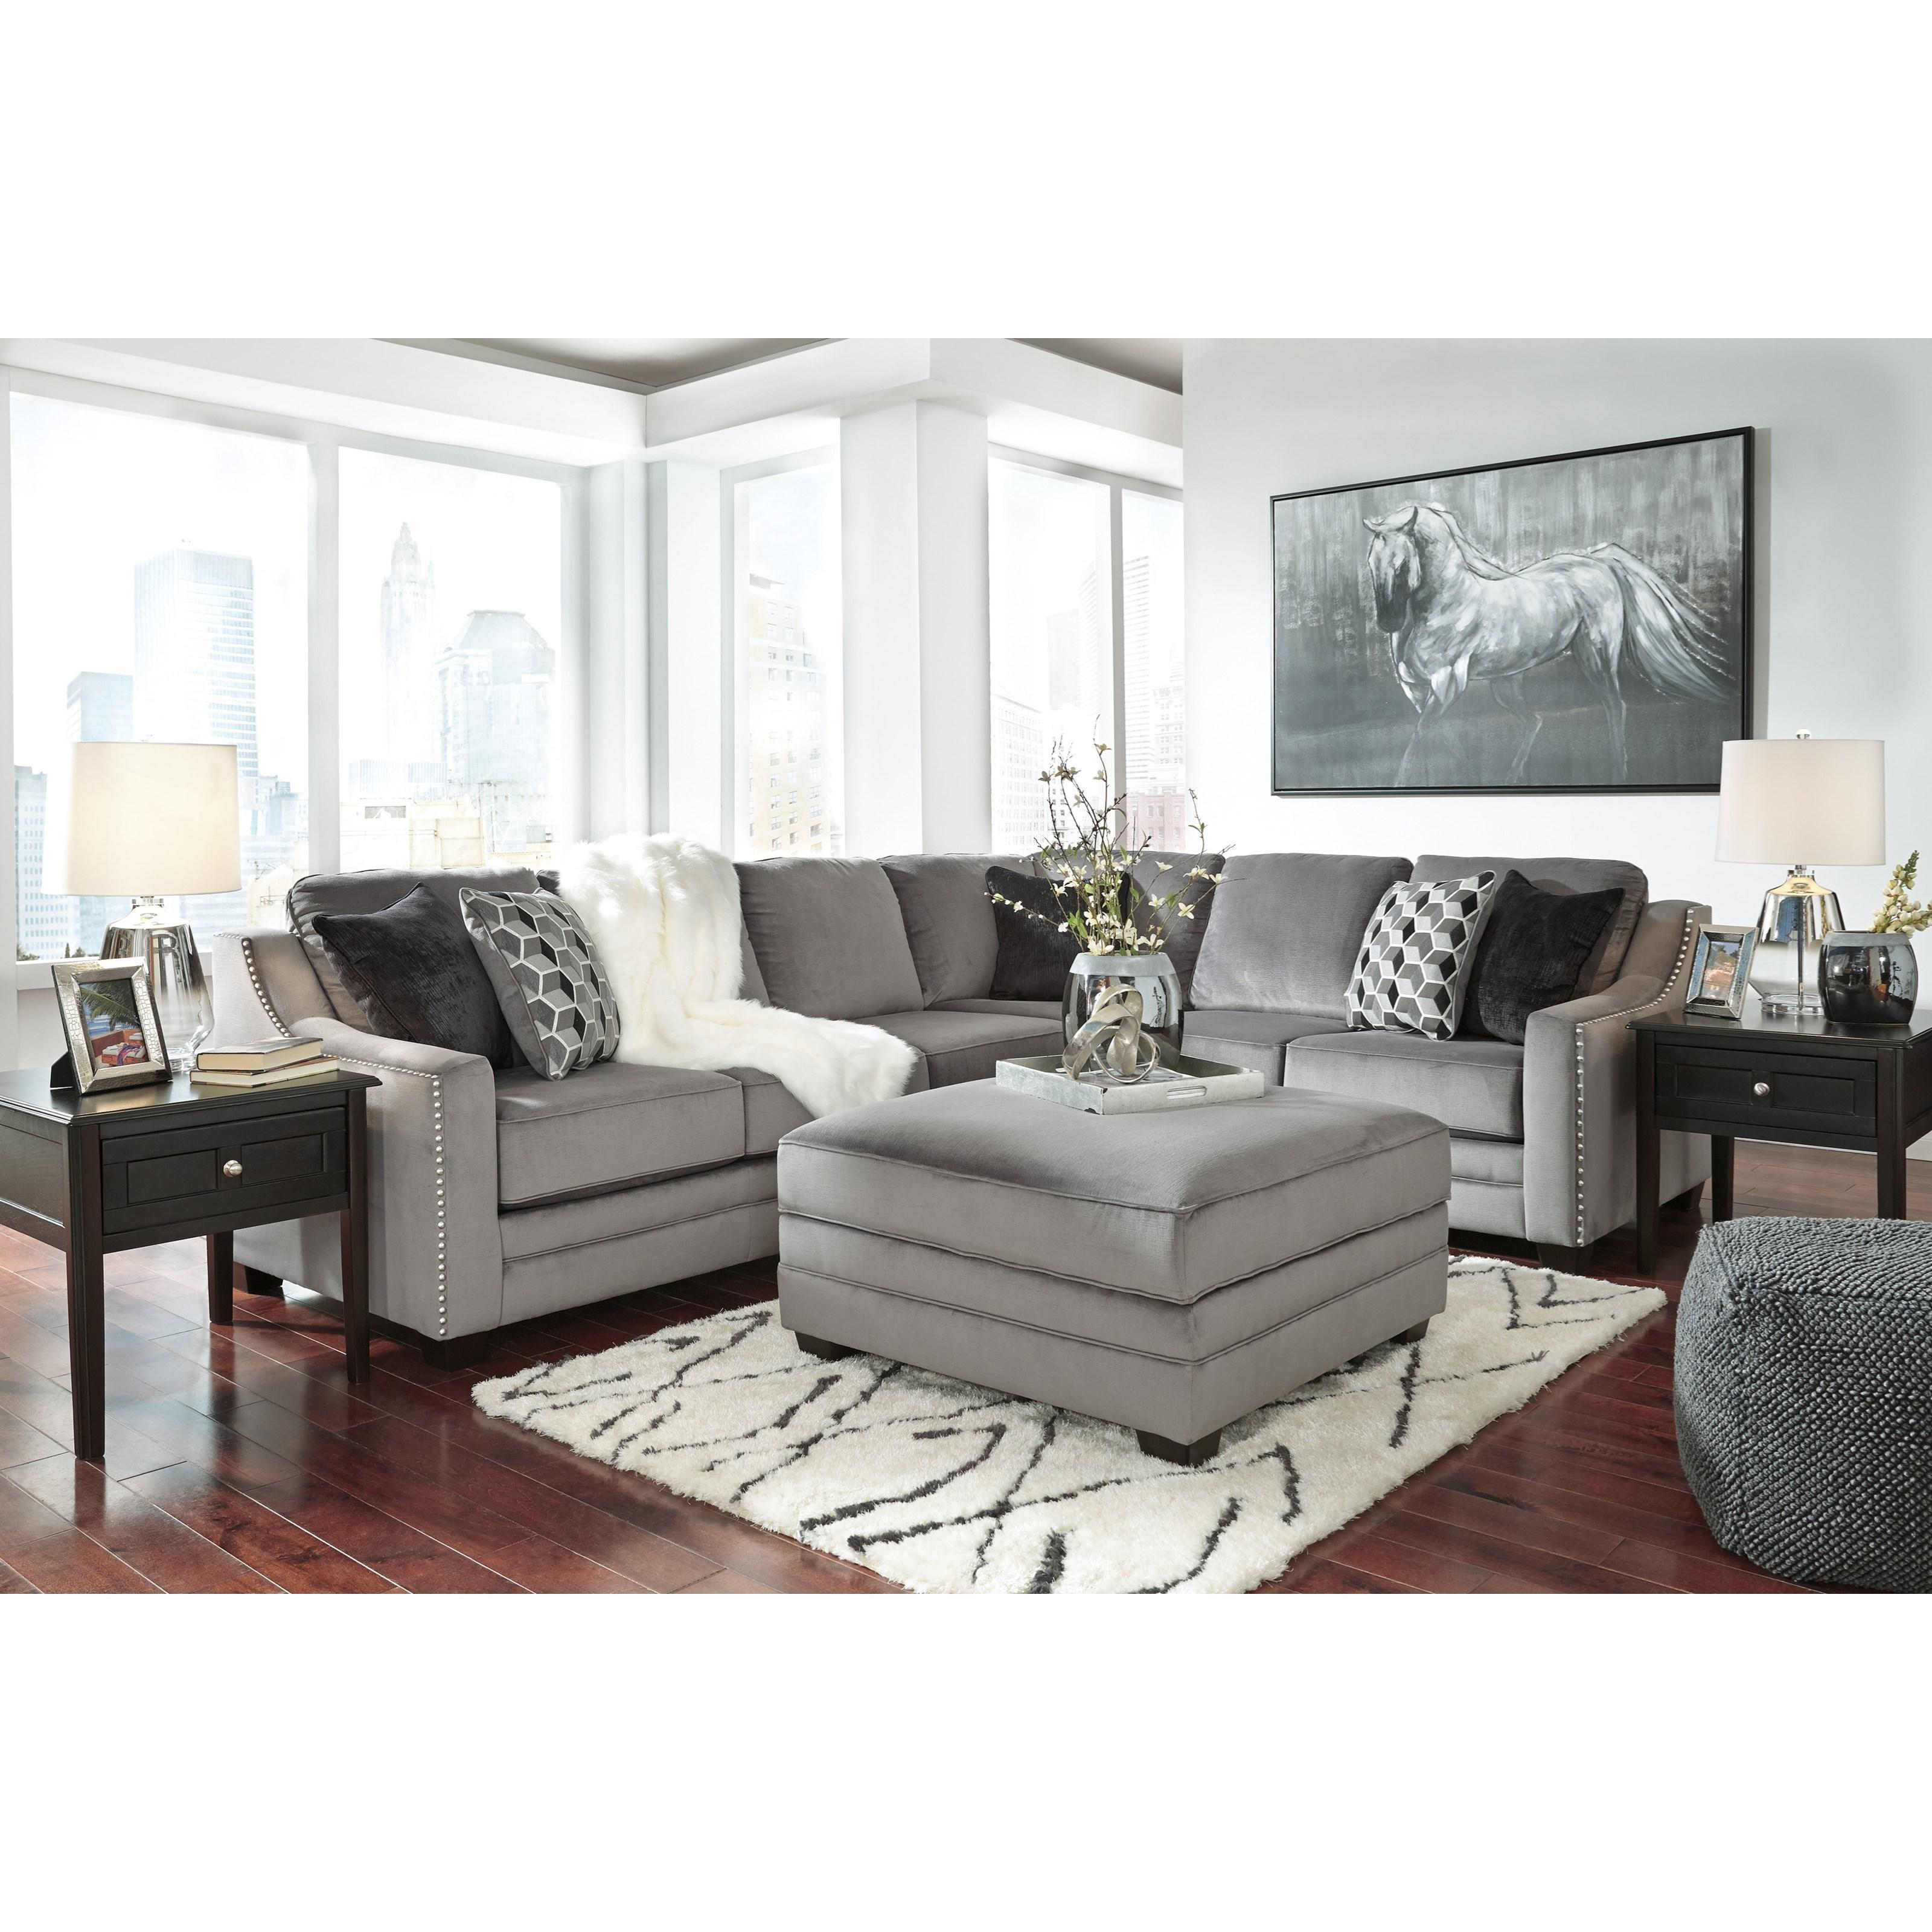 Flexsteel Living Room Groups